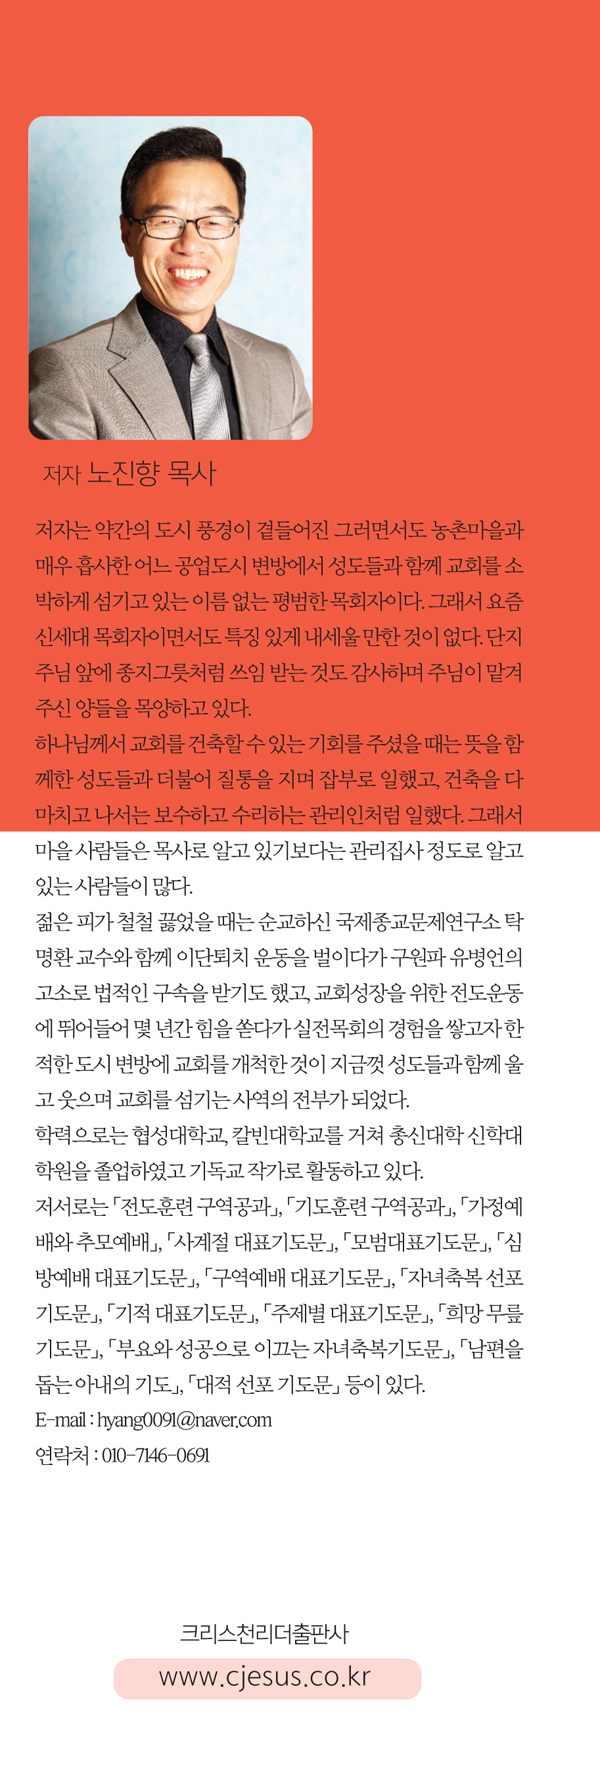 새가족을 위한 신앙생활 네비게이션 1 (학습자용) [ 개정판 ]